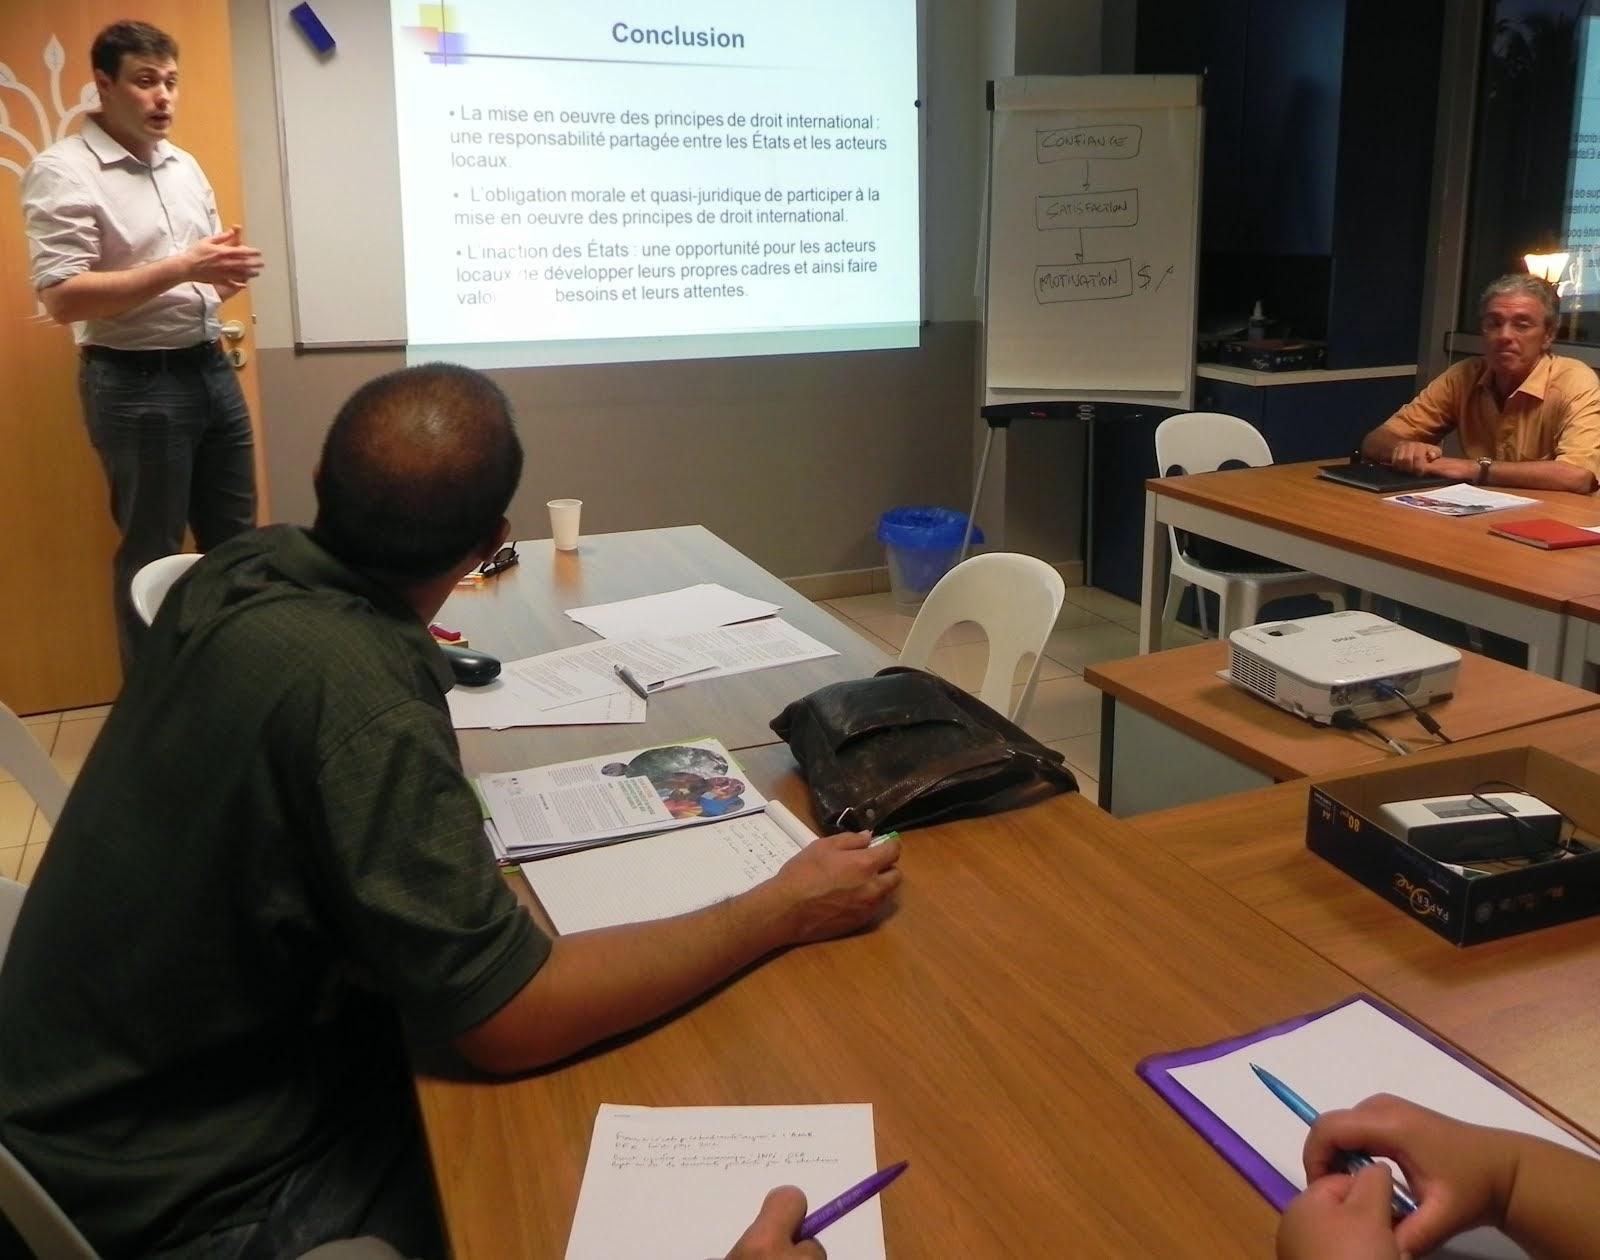 L'AJPF a accueilli jeudi 27 mars 2014 Thomas Burelli